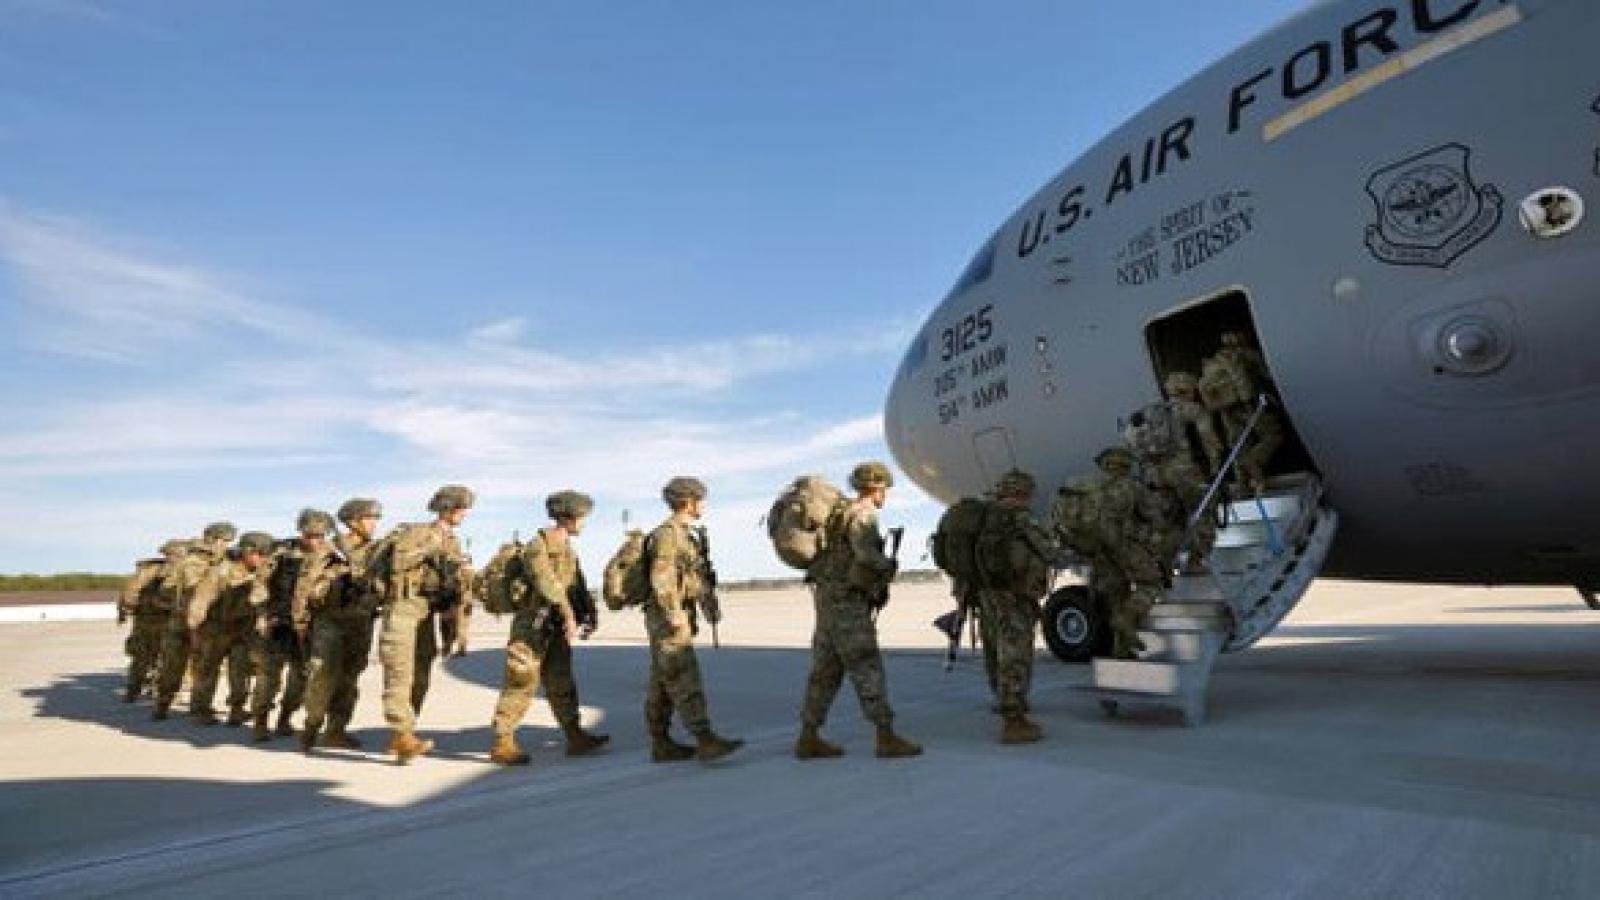 Mỹ rút quân khỏi Đức: Chiến lược hay sự bất mãn?